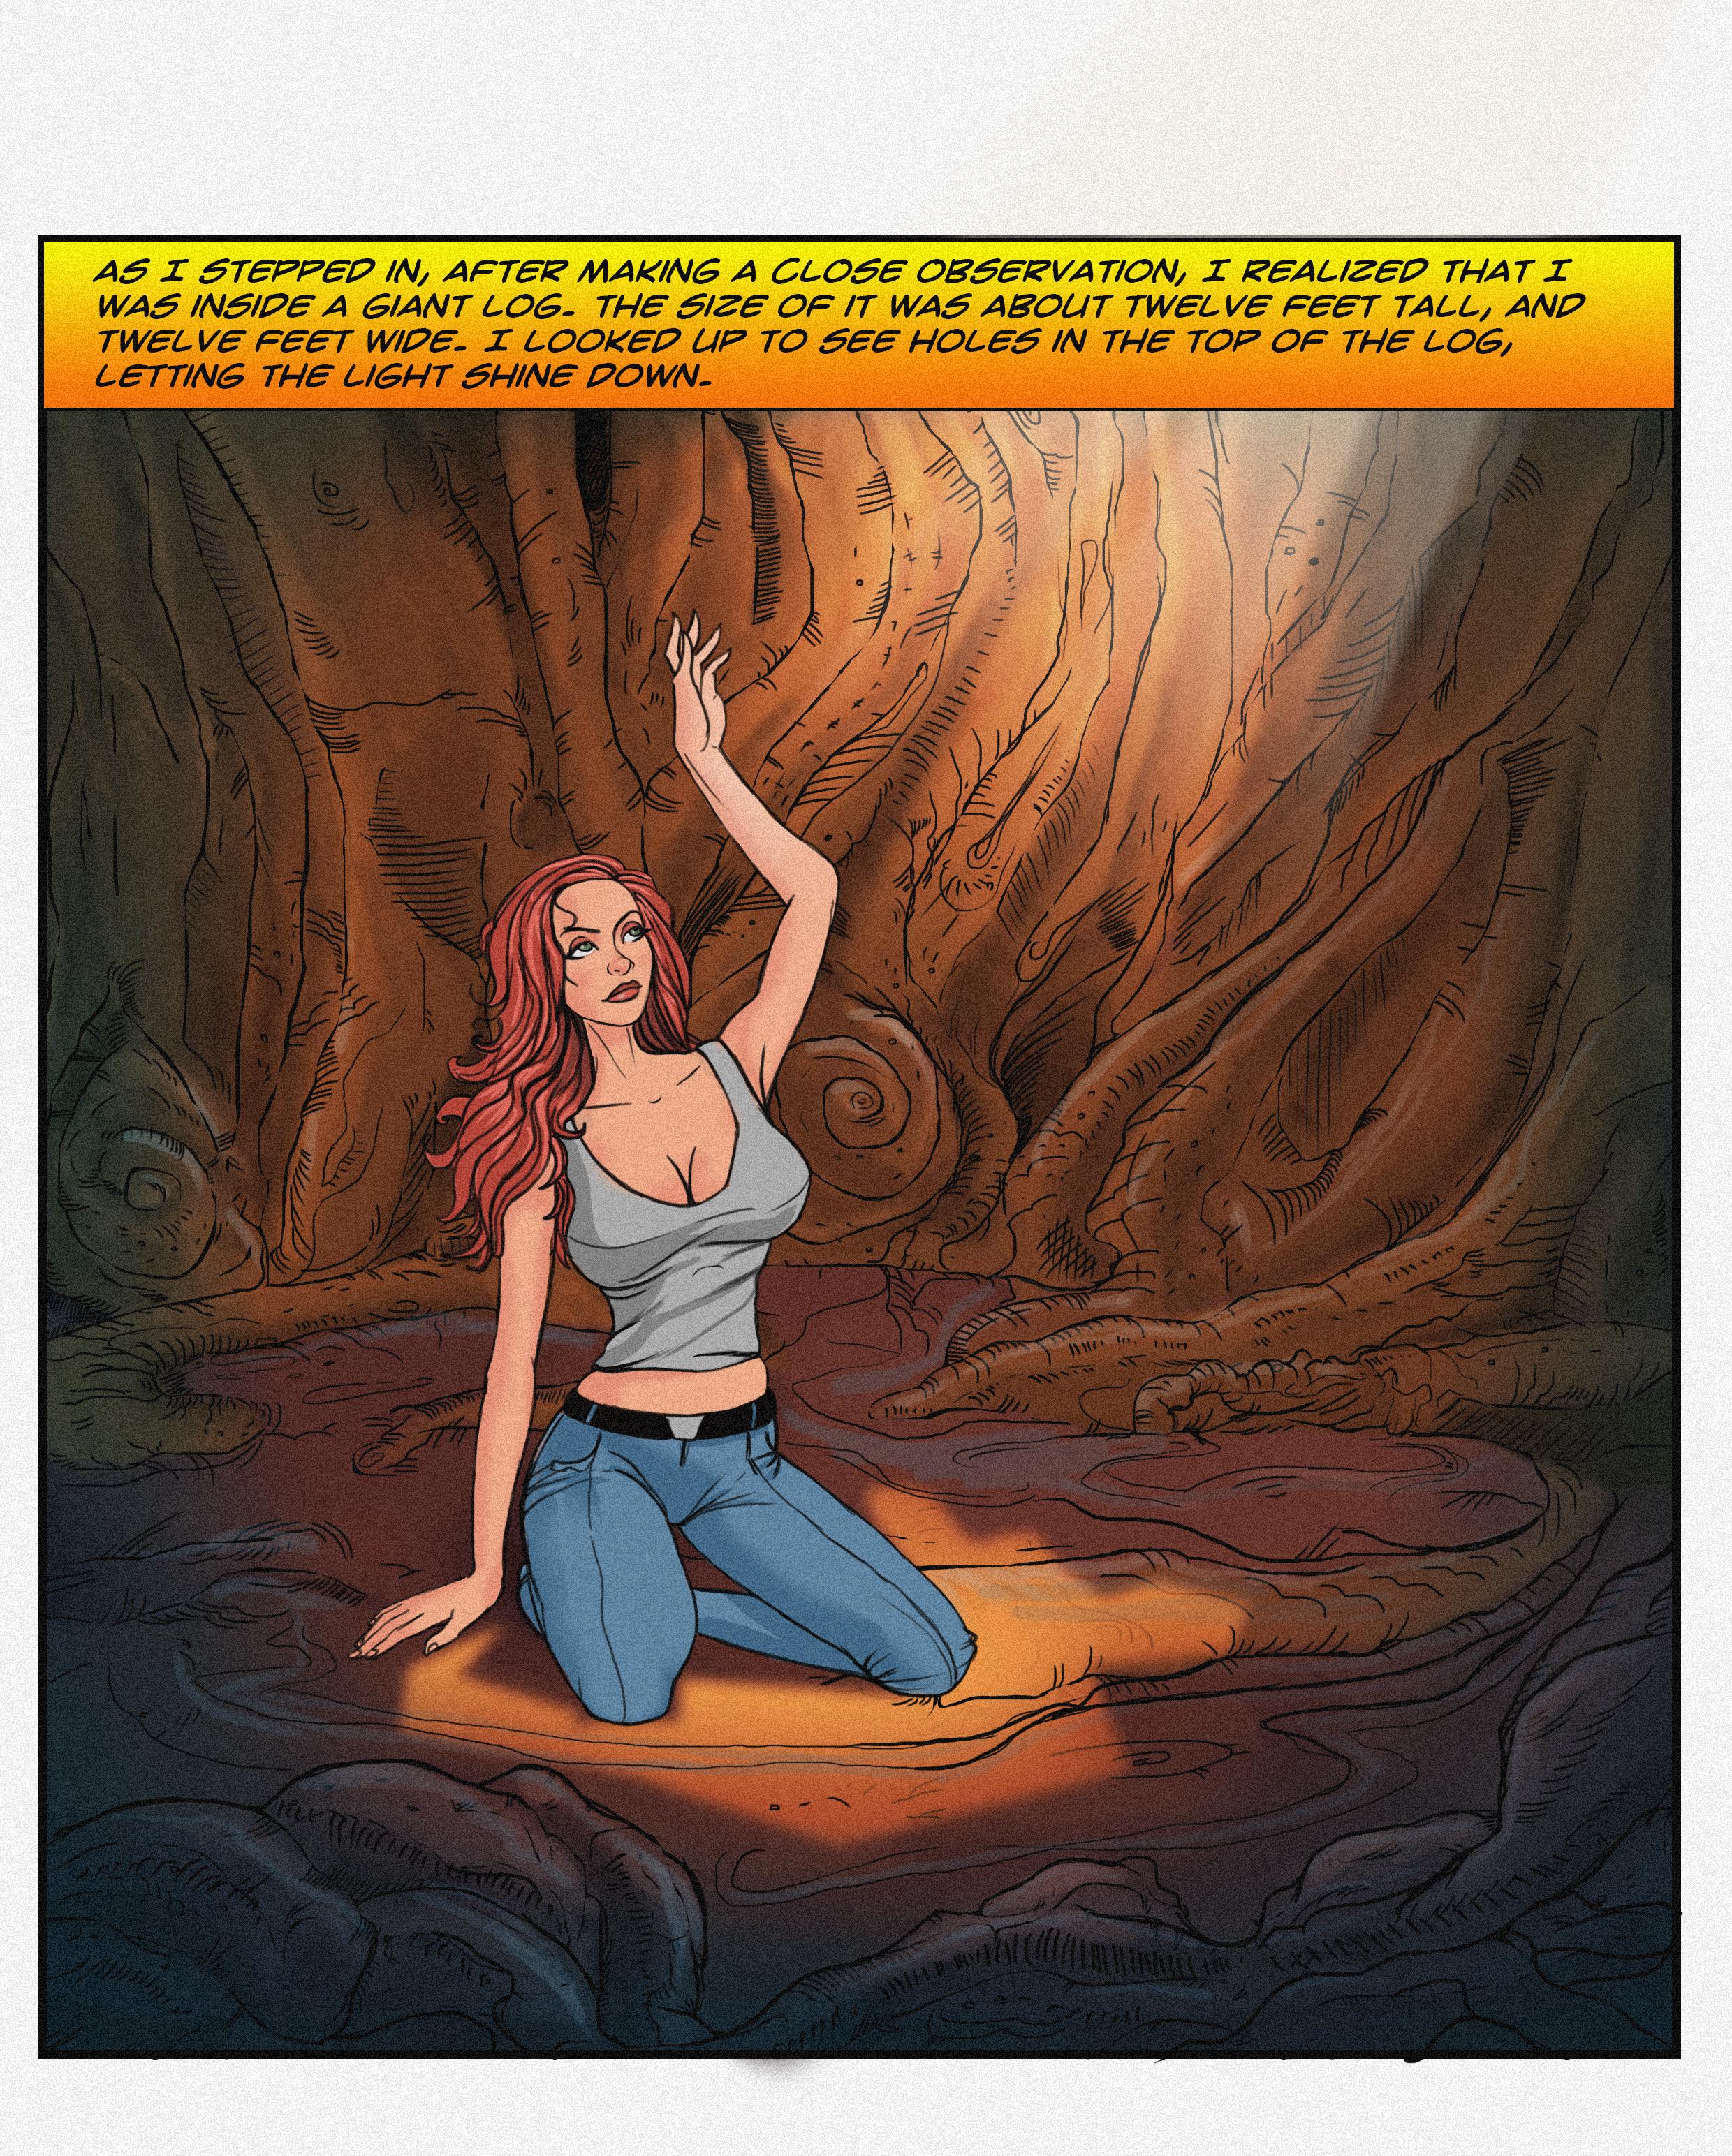 Krystal - Venturescape - Concept - Comic Panel